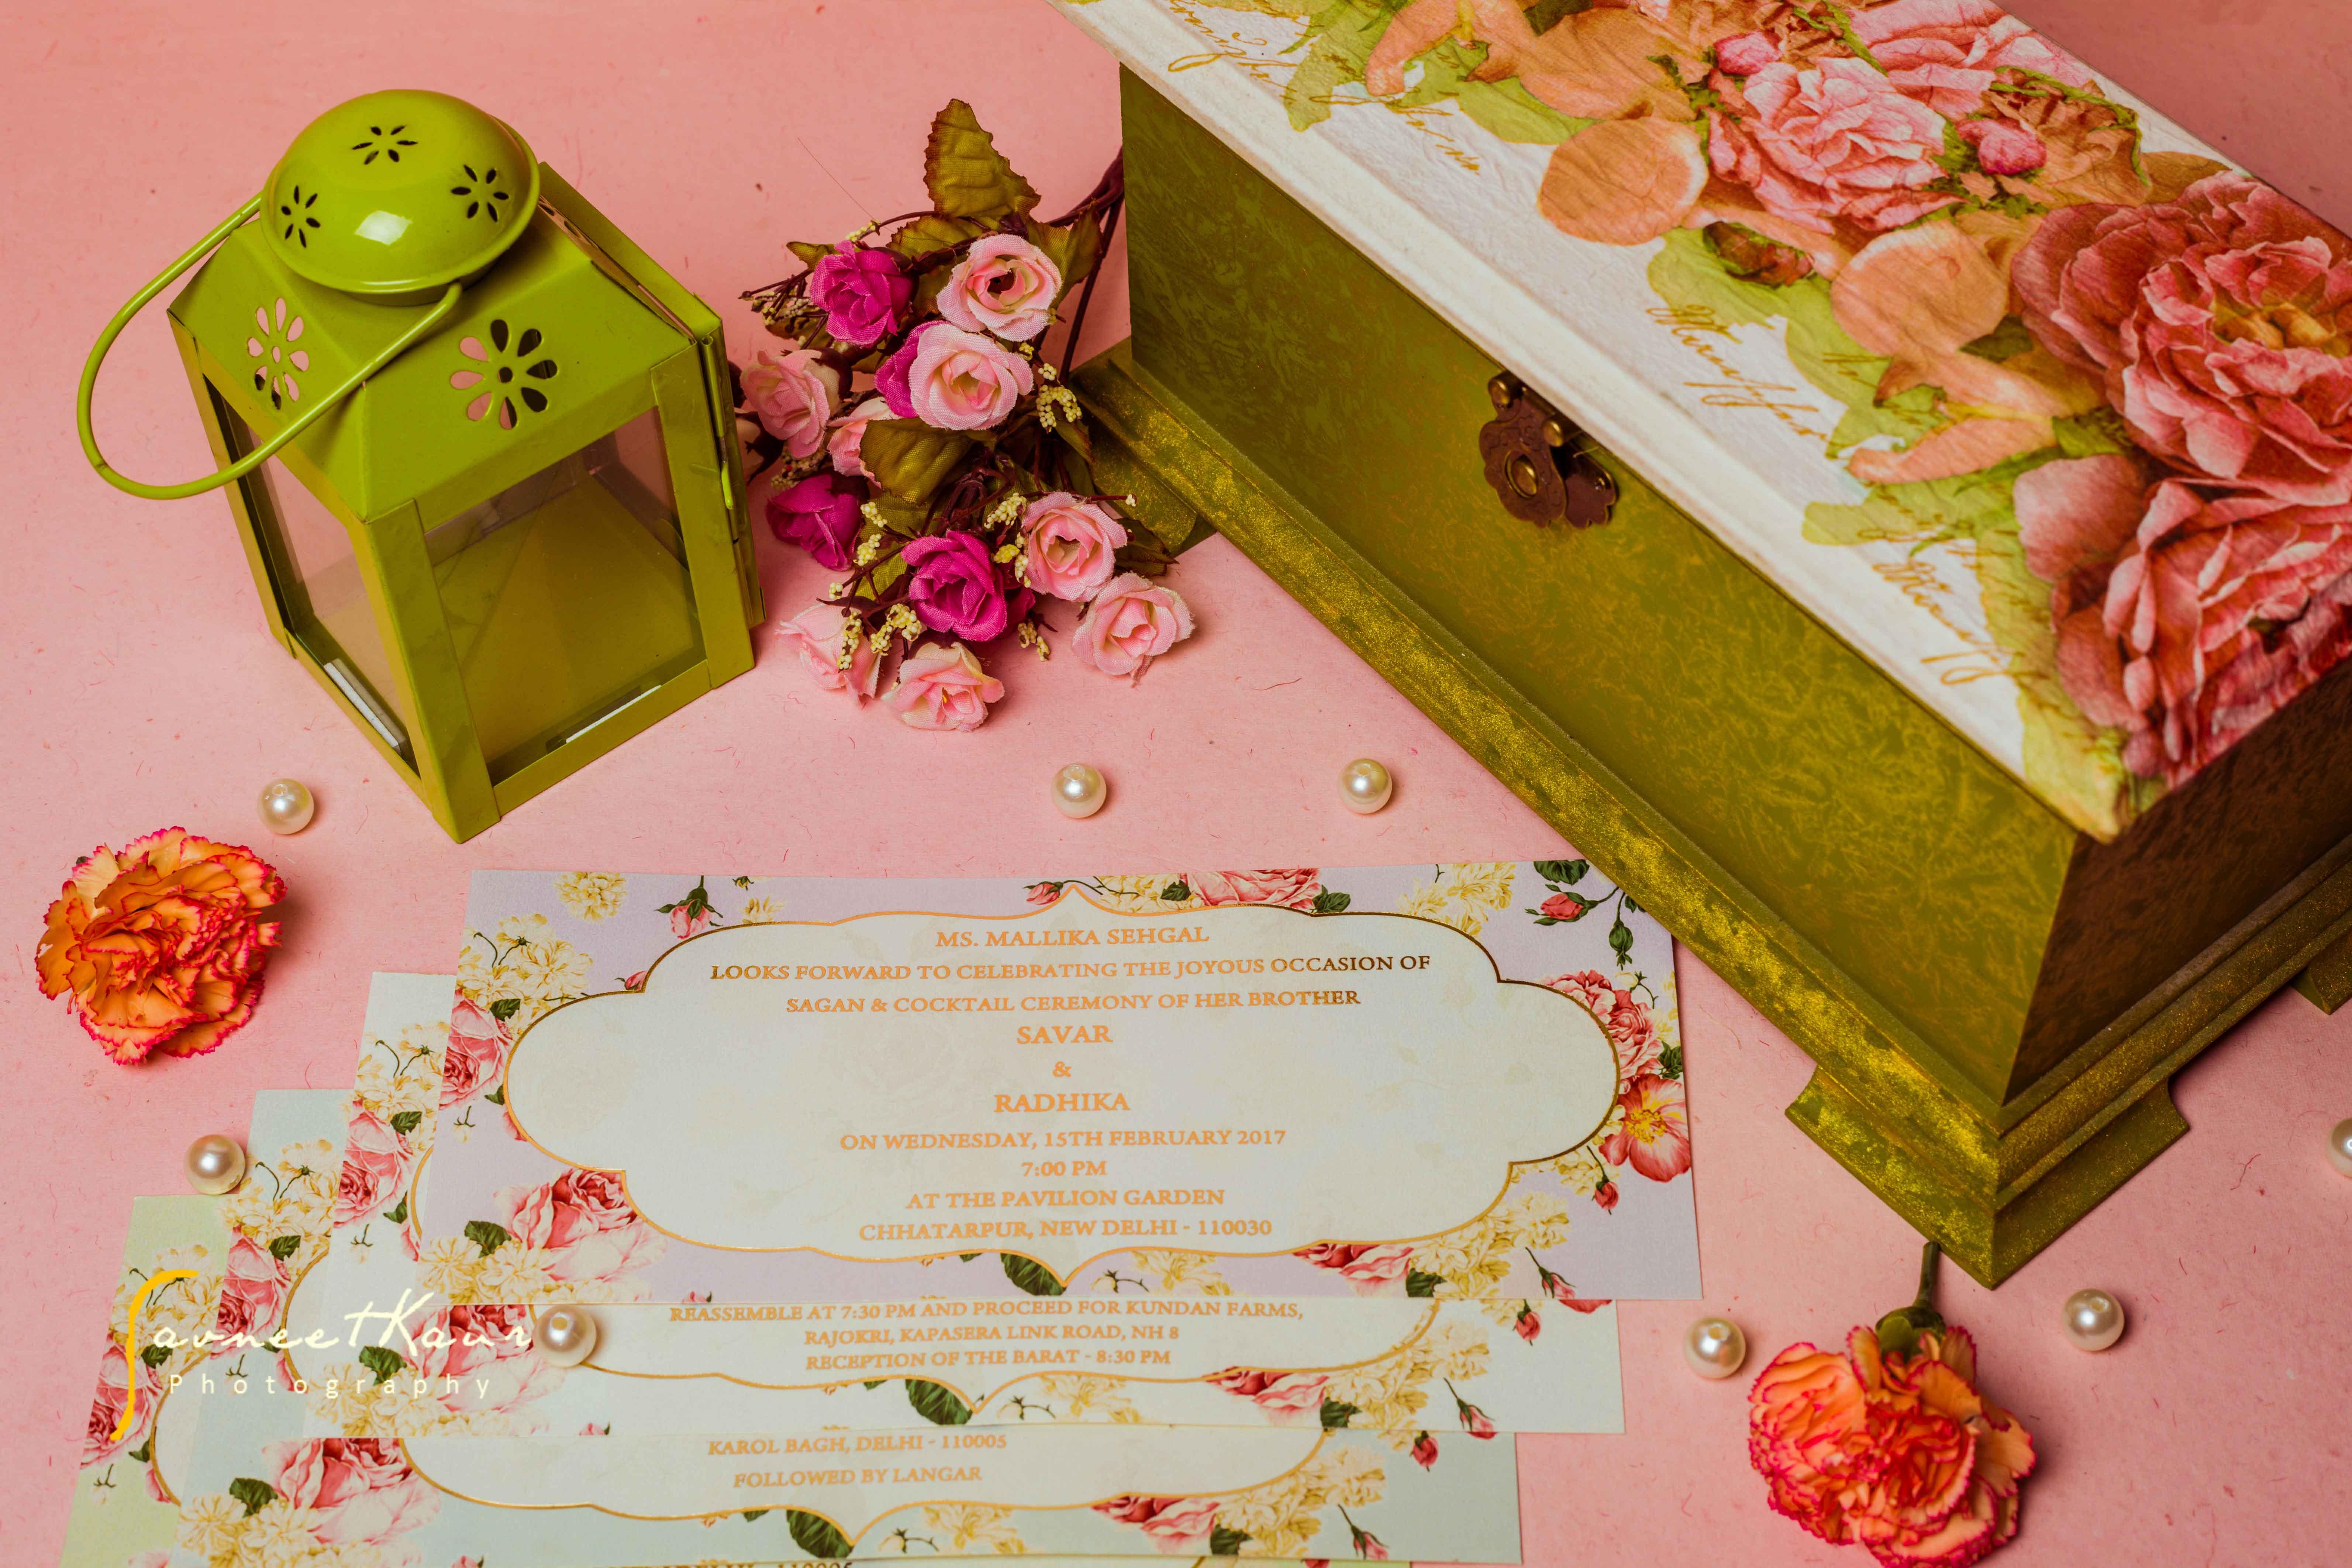 Wedding Invites, Wedding Invitation, Wedding Invitation Card, Indian Wedding Invites, Wedding Invites Trends, Wedding Invites Trends 2018, Floral Print, Pastel Wedding Invite, Wedlock Invitations by Ashna Nayyar